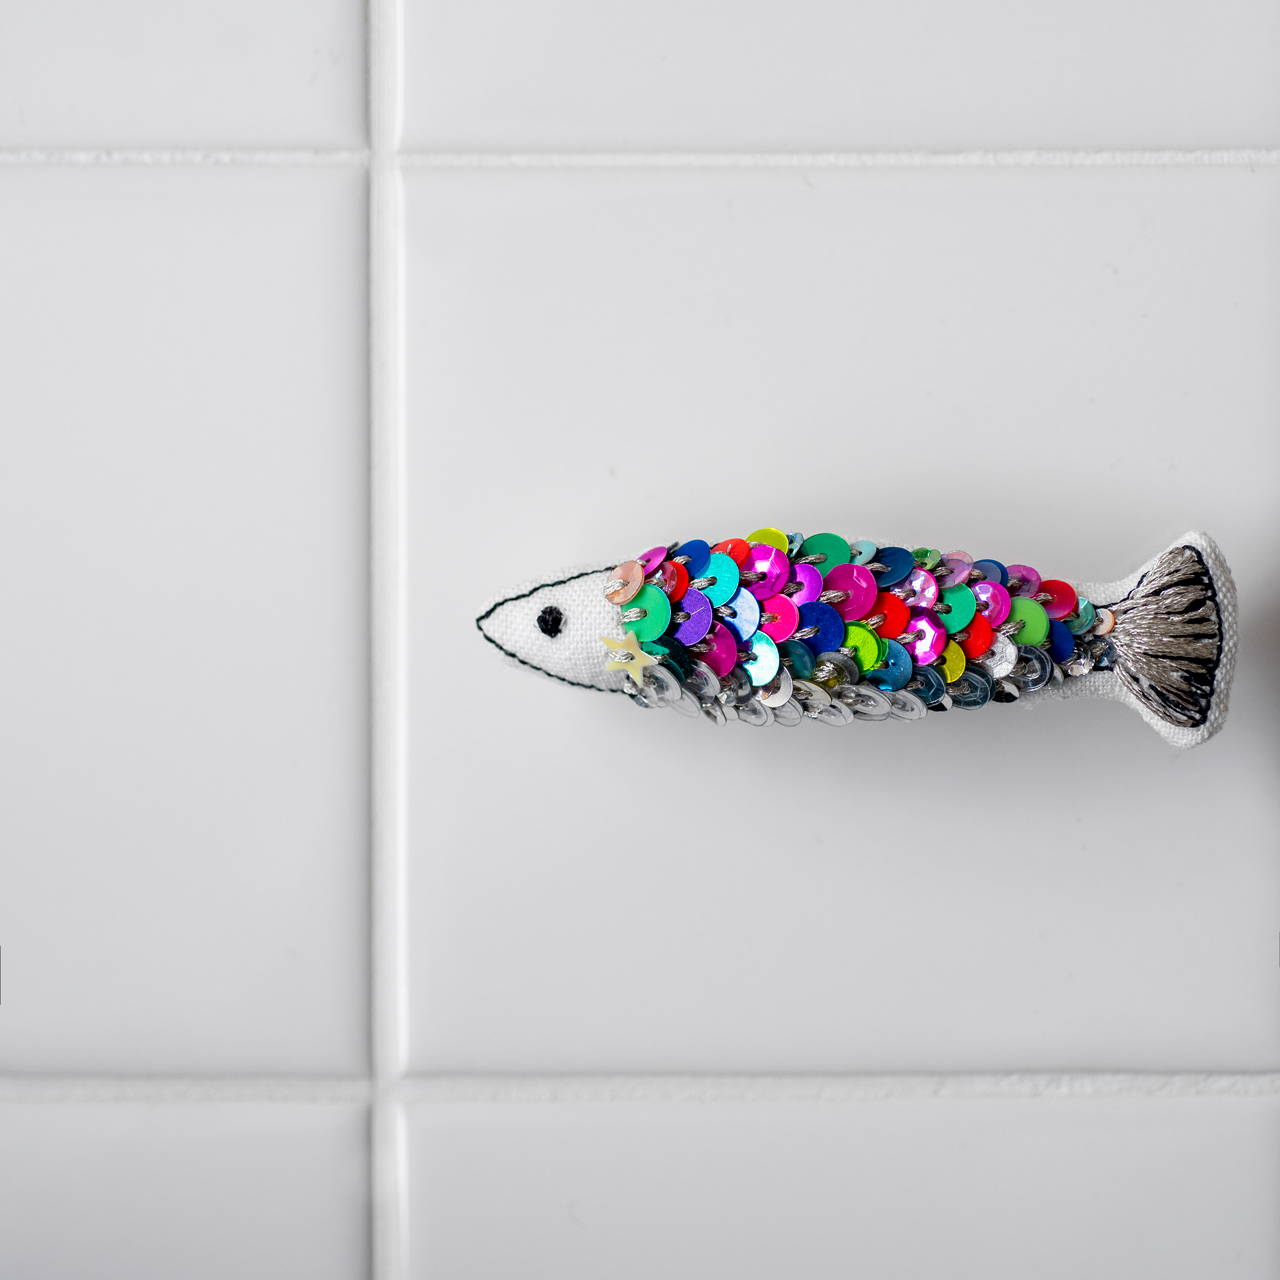 魚の鱗の刺繍サンプル